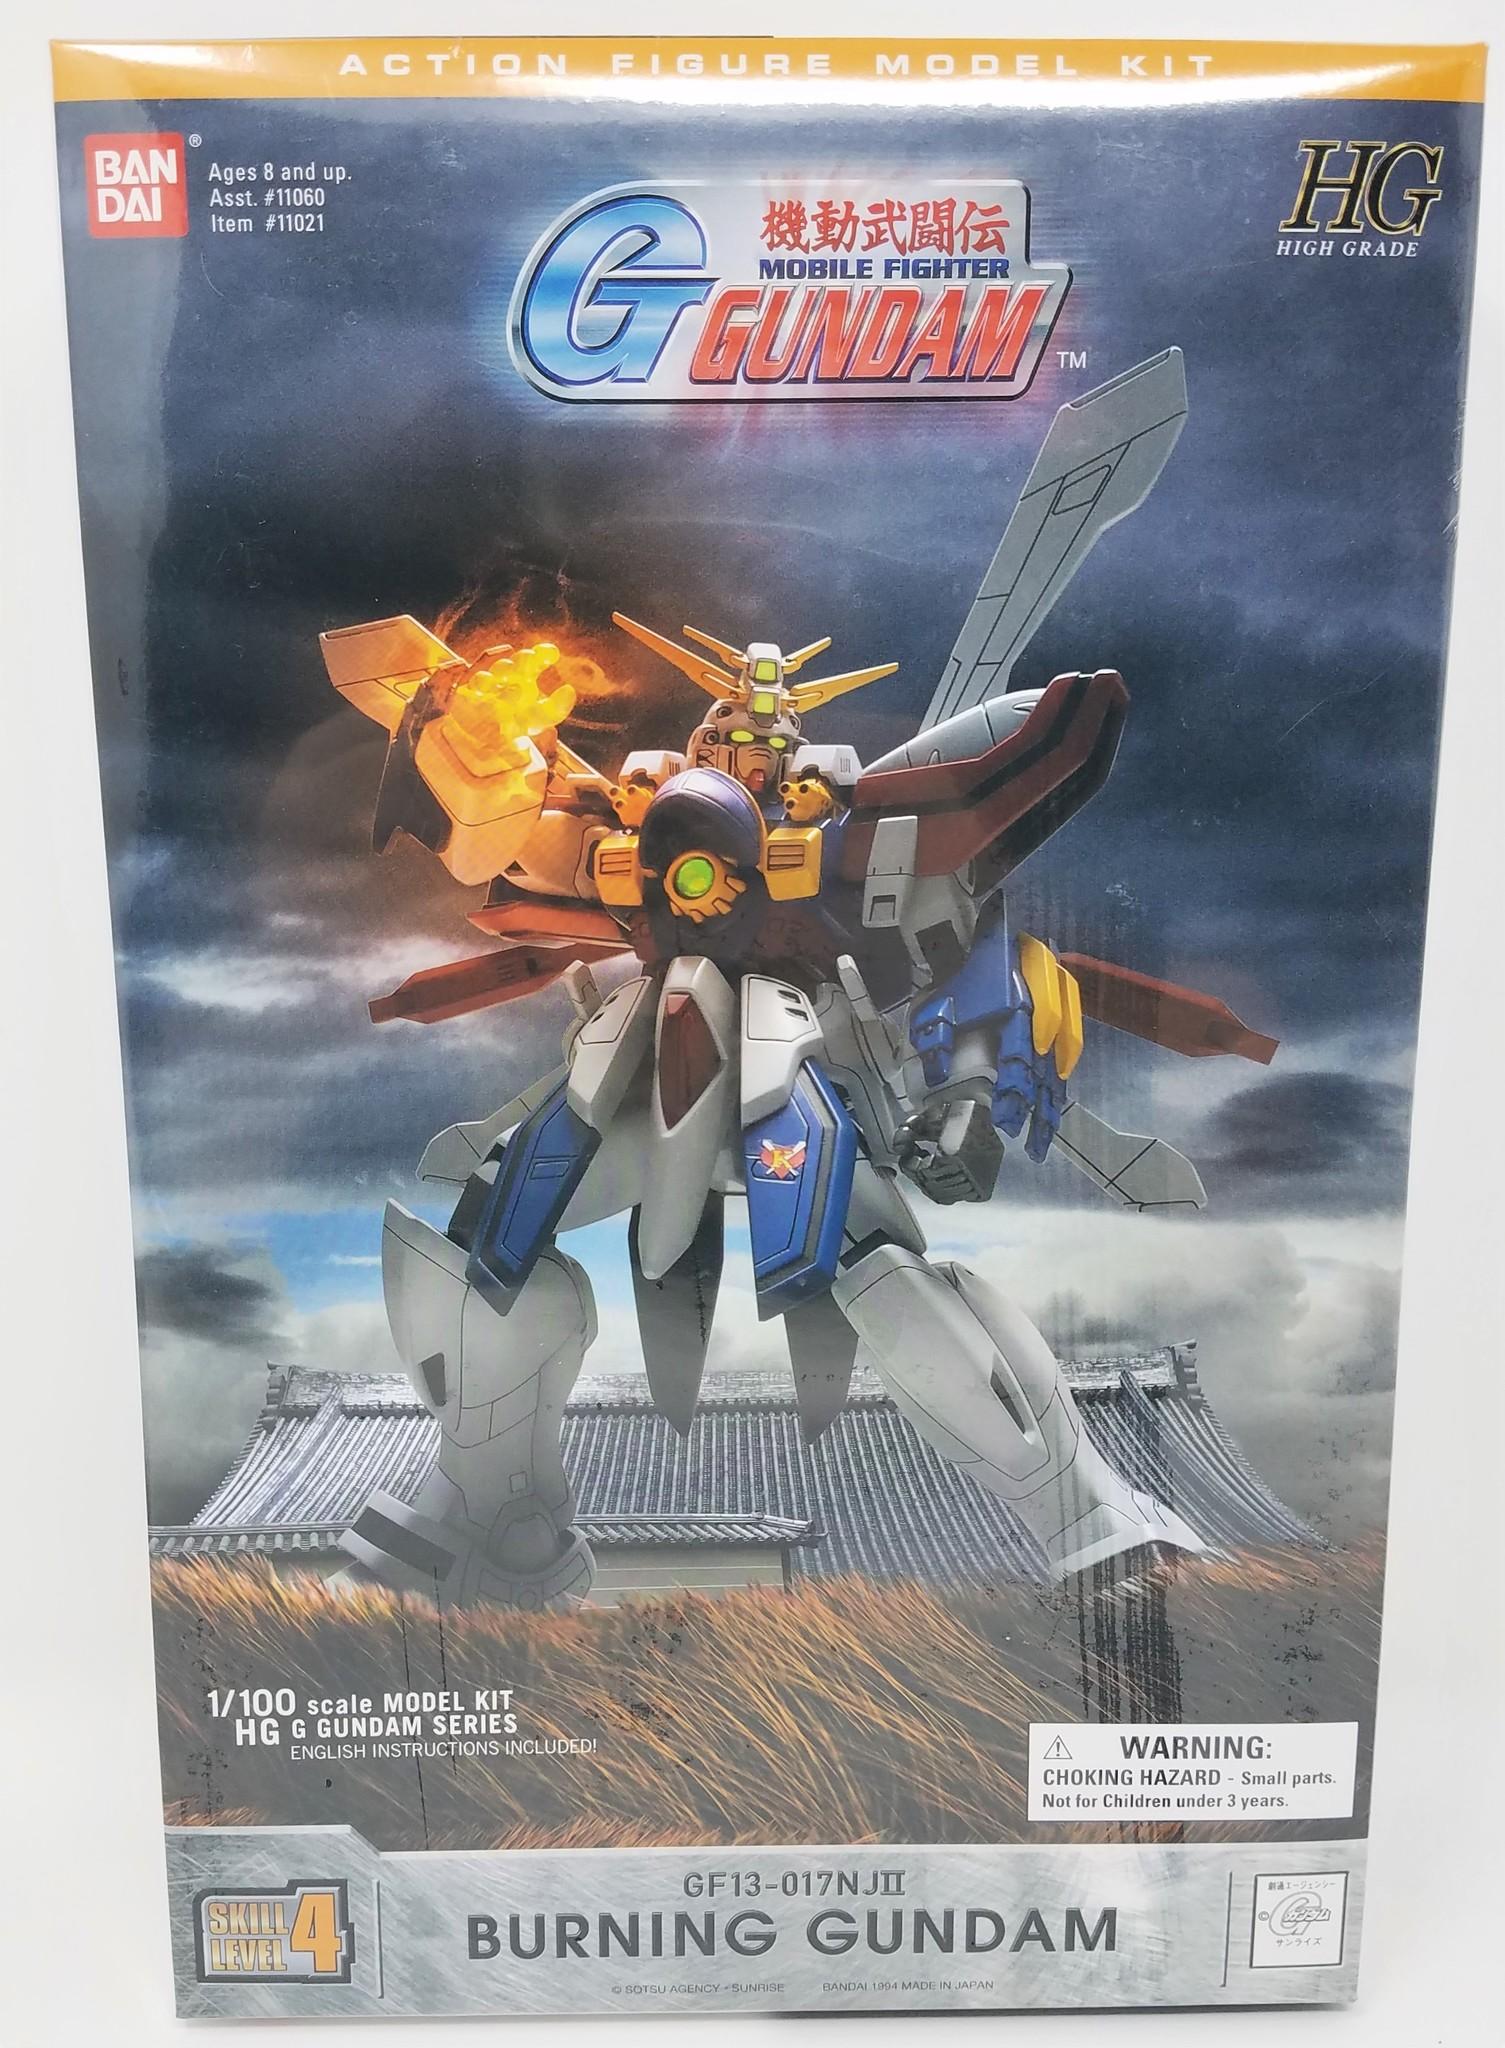 Gundam 1/100 Snap Model Kit: Burning Gundam